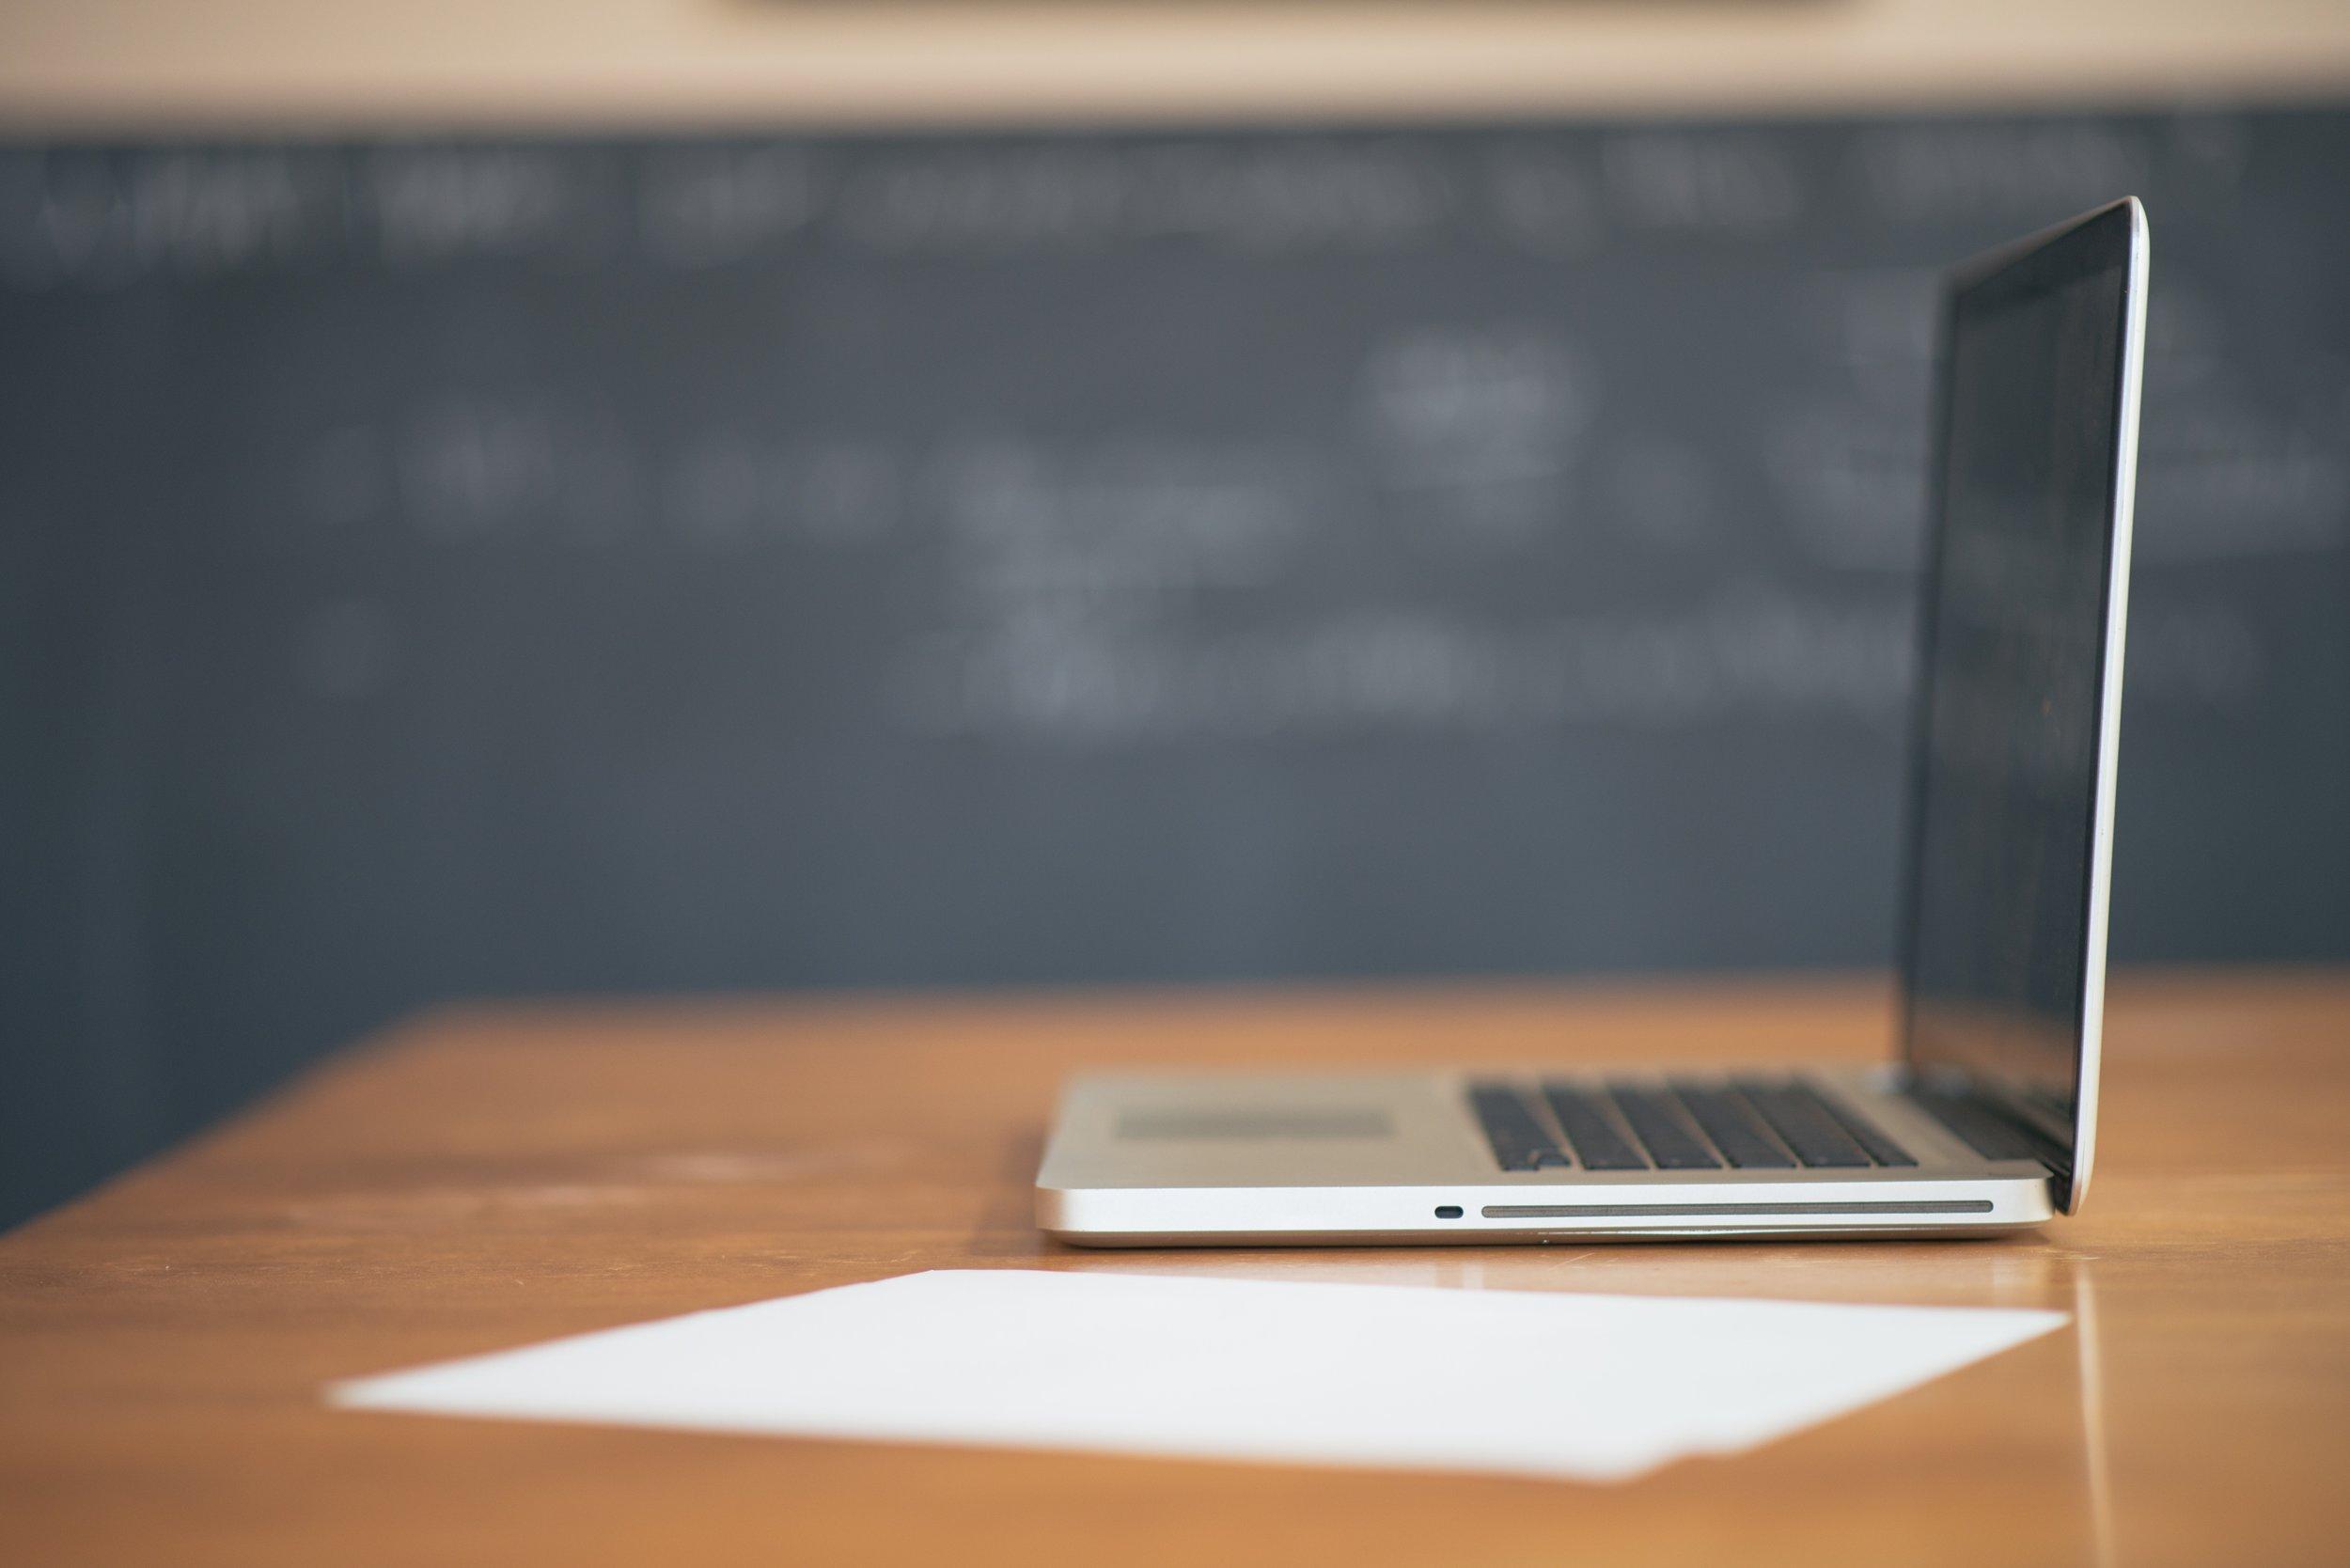 apple-desk-laptop-6565.jpg